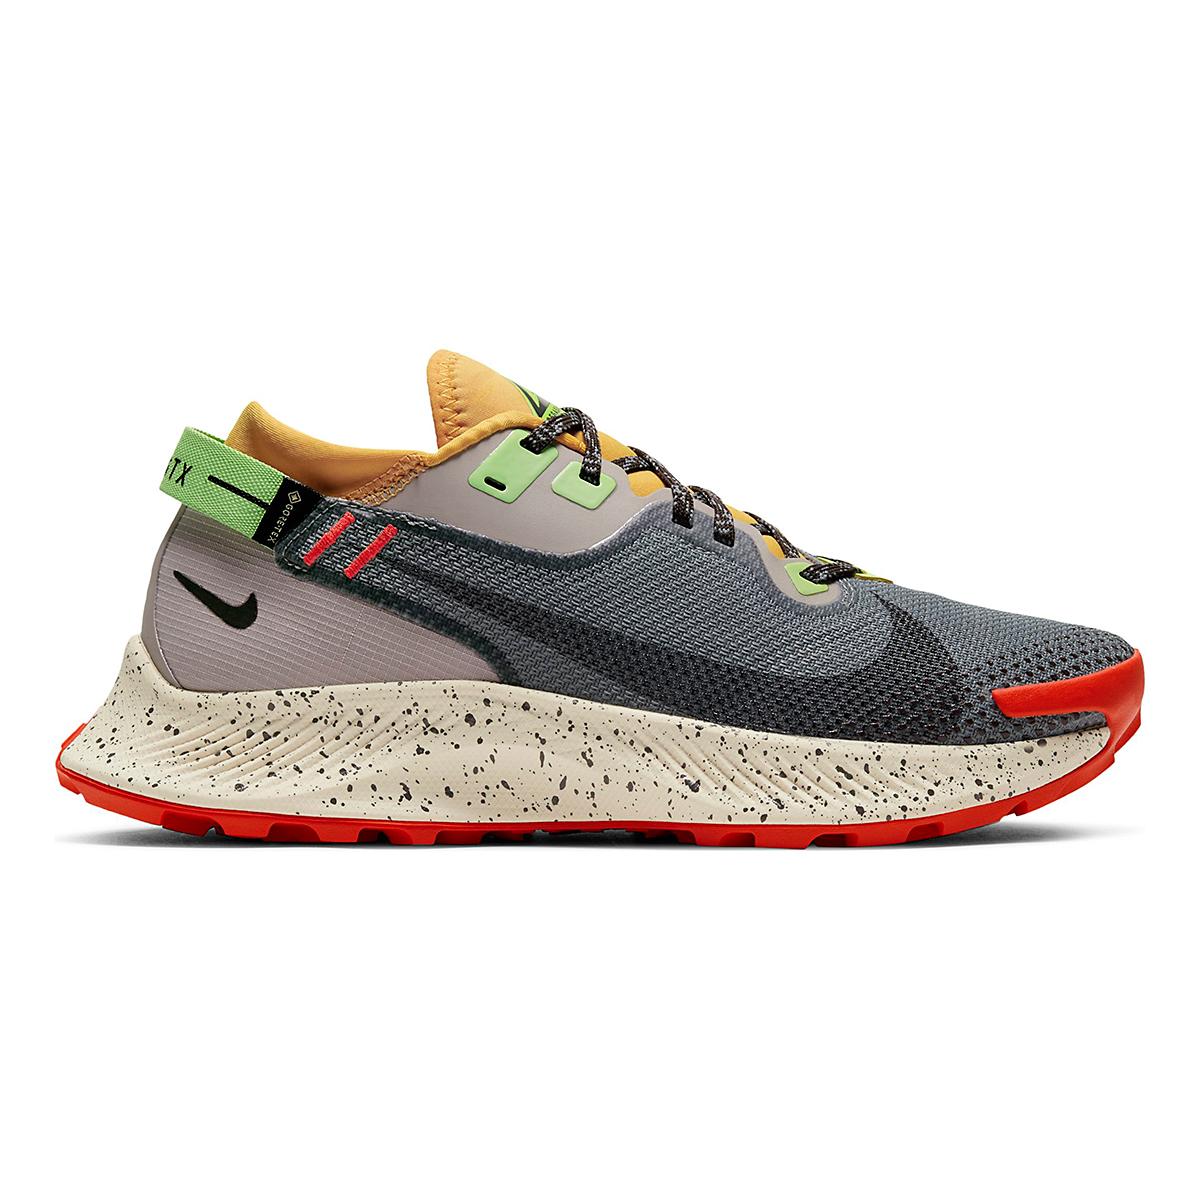 Women's Nike Pegasus Trail 2 Gore-Tex Running Shoe - Color: Smoke Grey/Black-Bucktan-College Grey - Size: 5 - Width: Regular, Smoke Grey/Black-Bucktan-College Grey, large, image 1